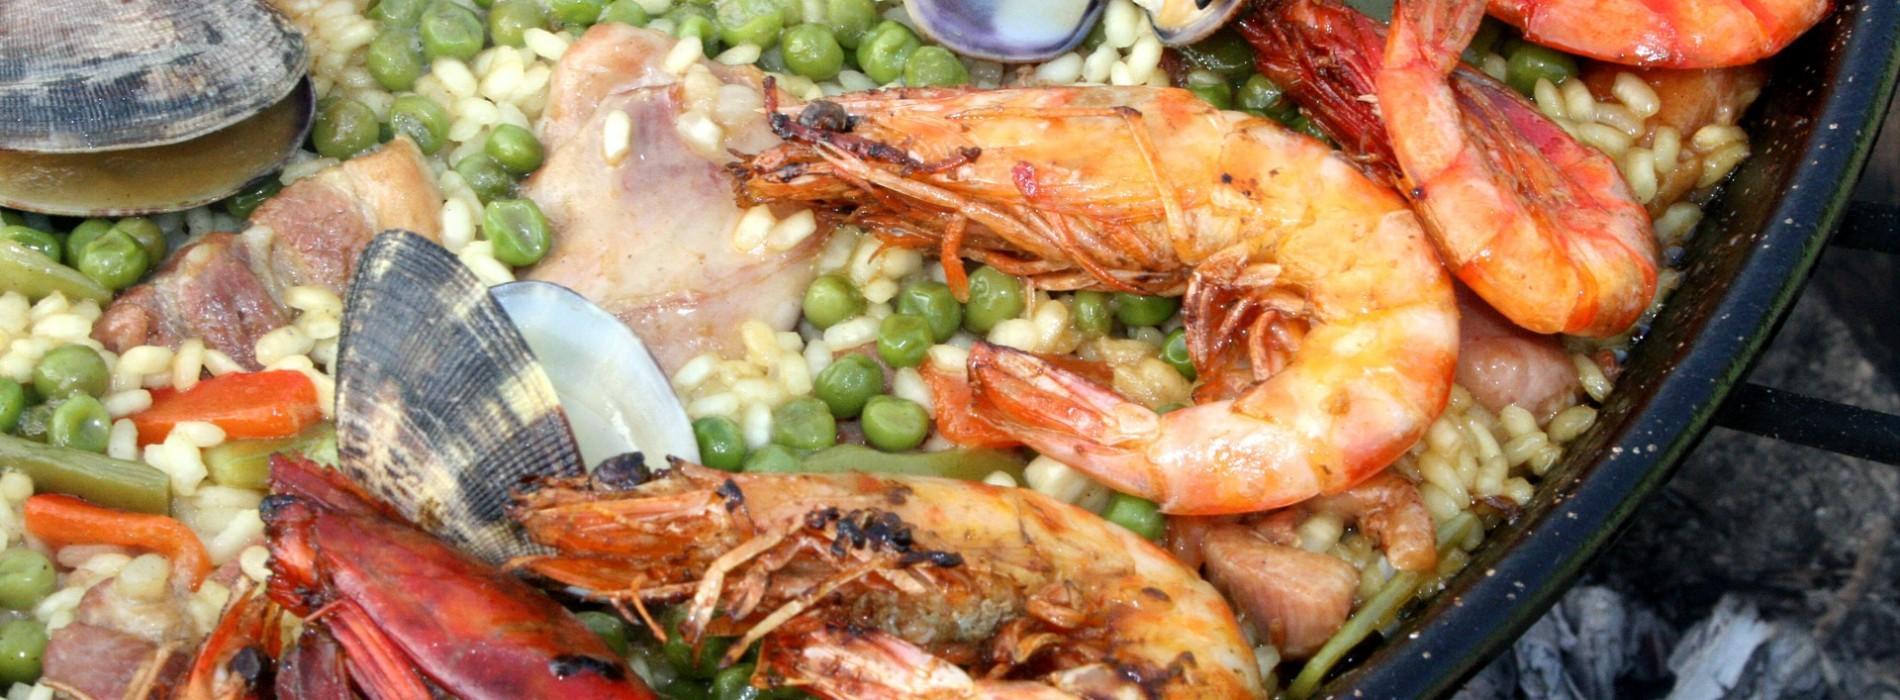 Turismo gastronómico: platos típicos de España